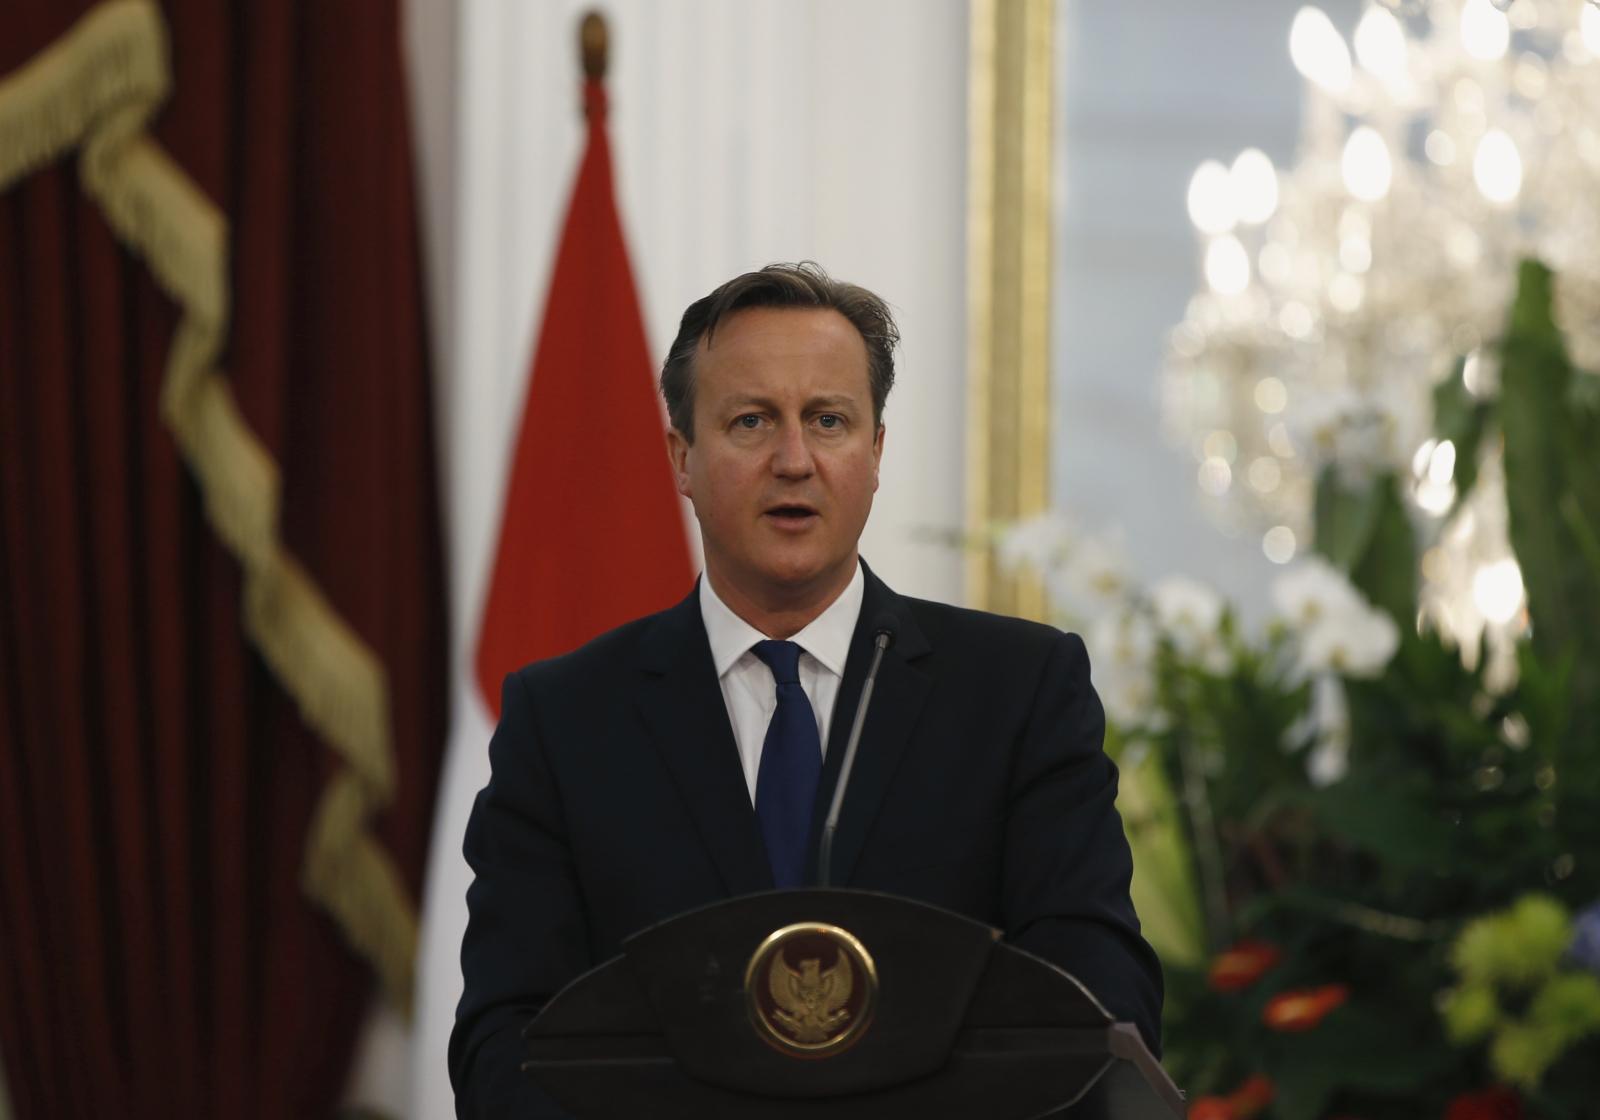 David Cameron in Jakarta